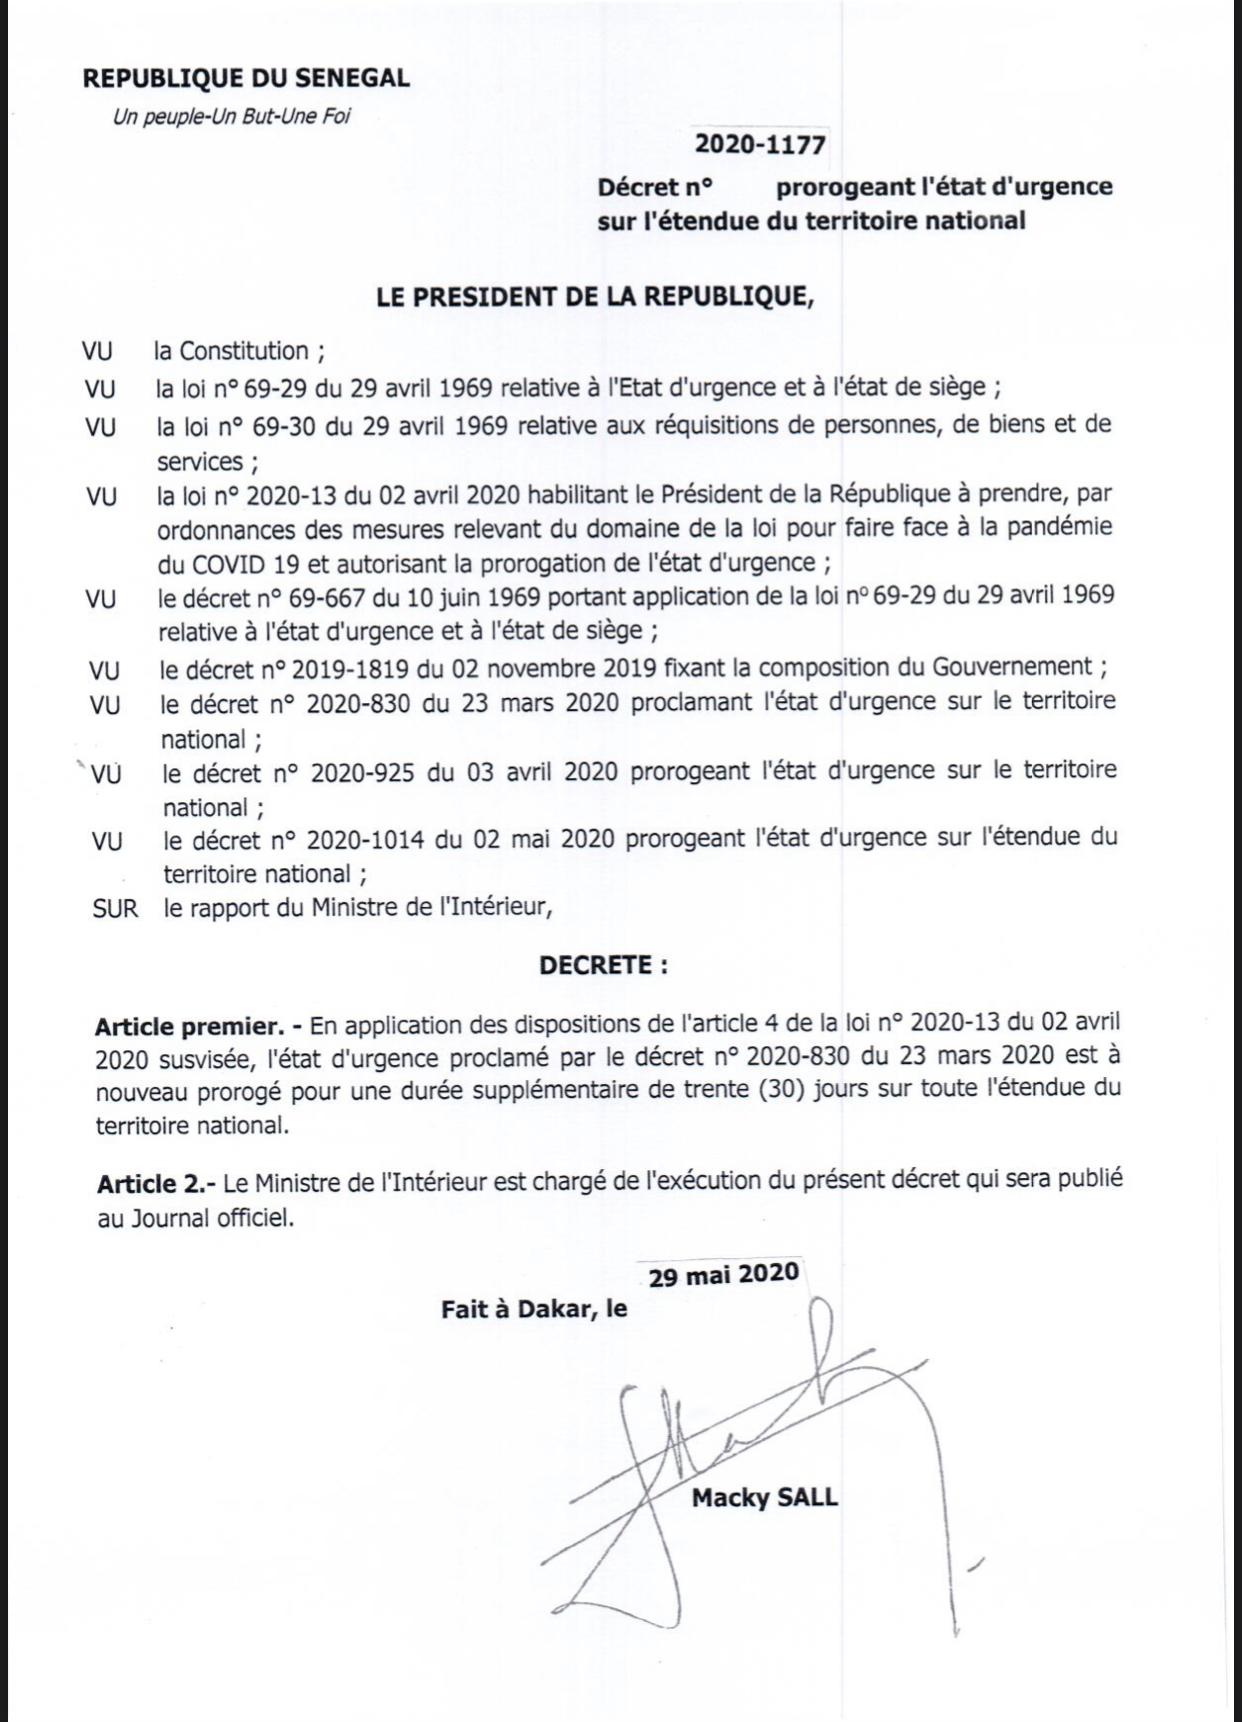 URGENT : Le président Macky Sall prolonge l'état d'urgence de 30 jours.